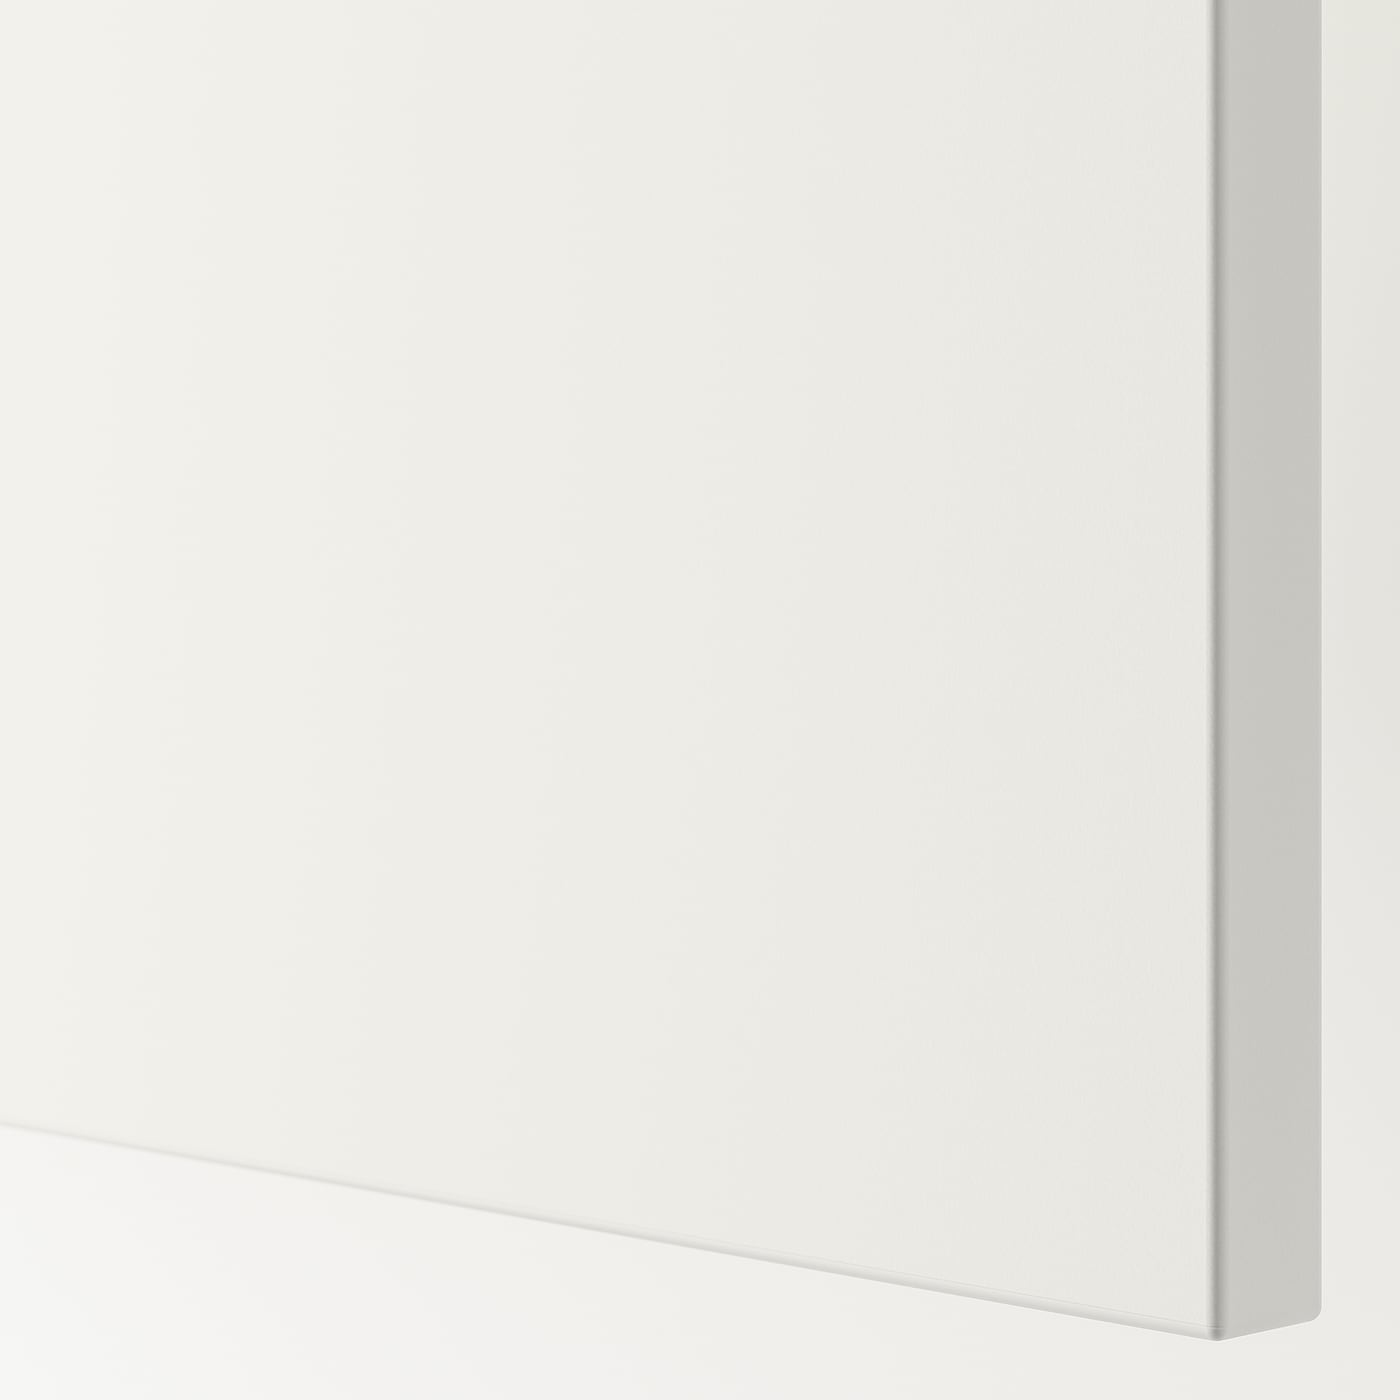 FONNES Låge med hængsler, hvid, 60x40 cm